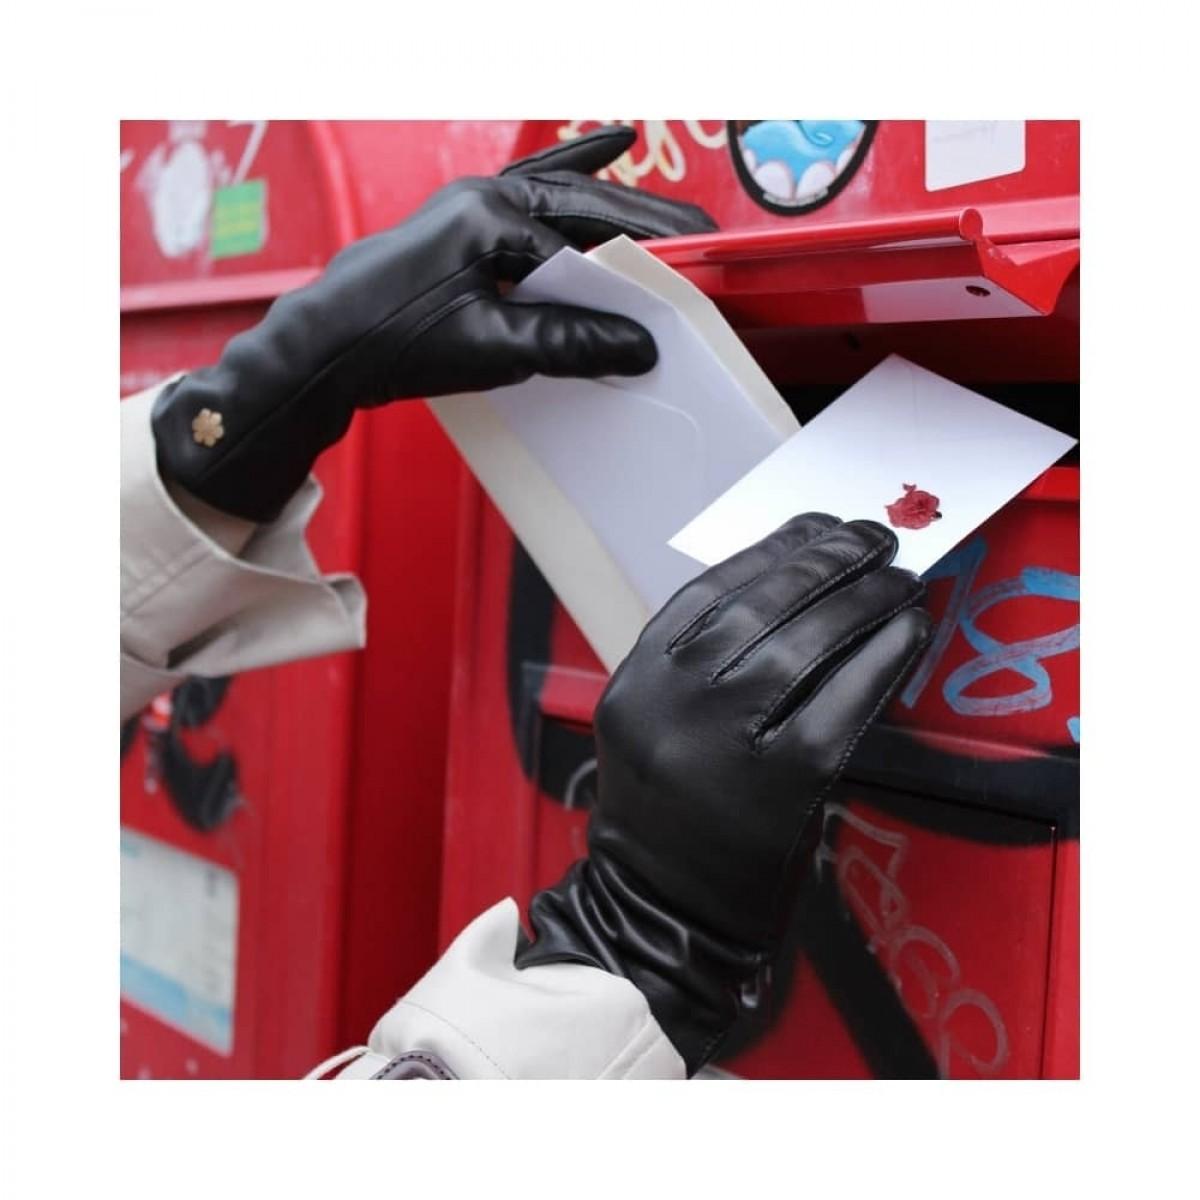 anna handske - black - model ved postkasse